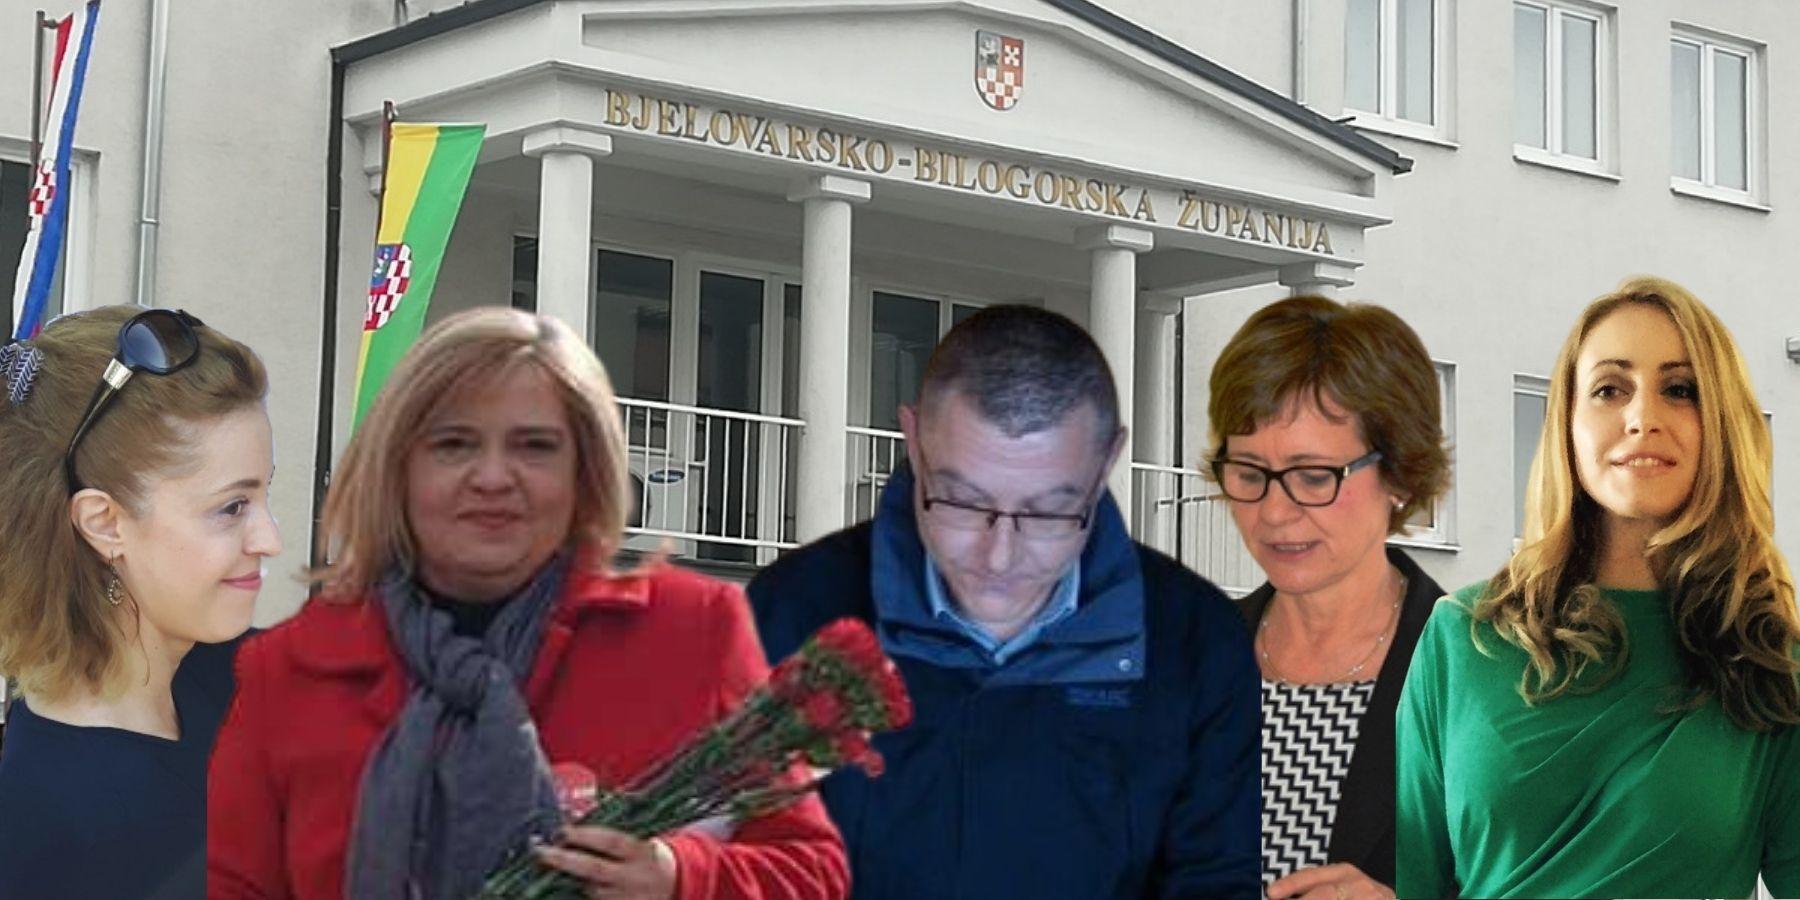 Kakva je sudbina Vanje Posavac, Mirne Čačić Klobučić, Anite Nekić Pavičić i drugih bivših pročelnica i pročelnika